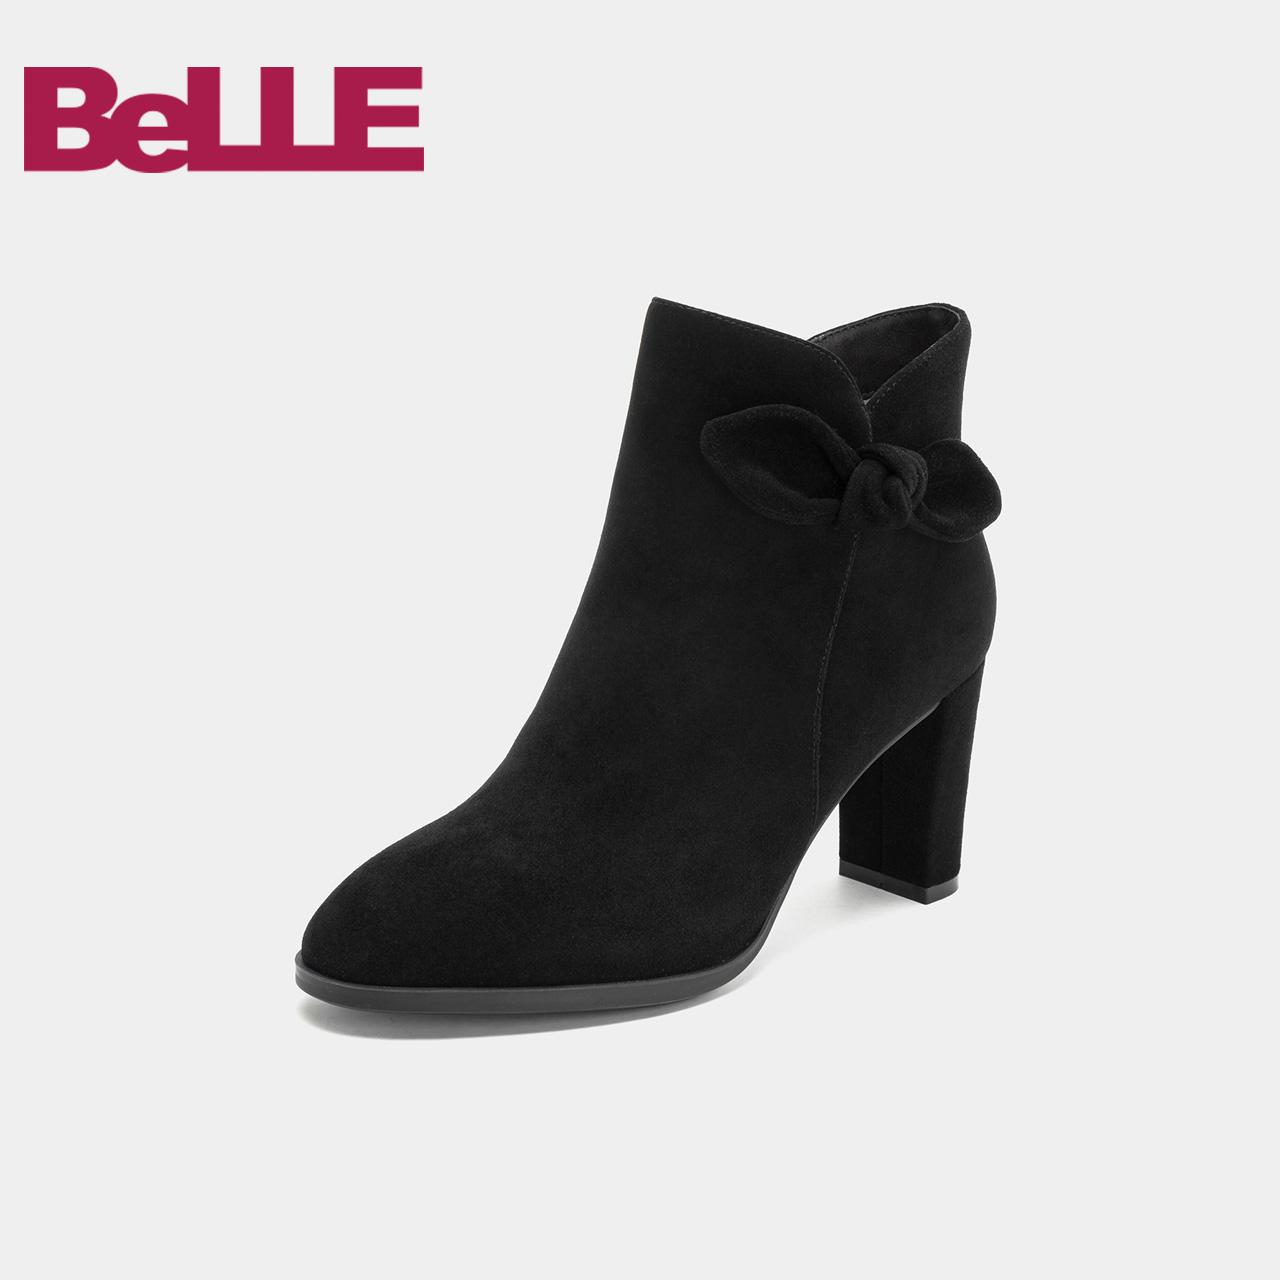 百丽短靴2018冬商场新款粗高跟蝴蝶结女靴 T1C1DDD8